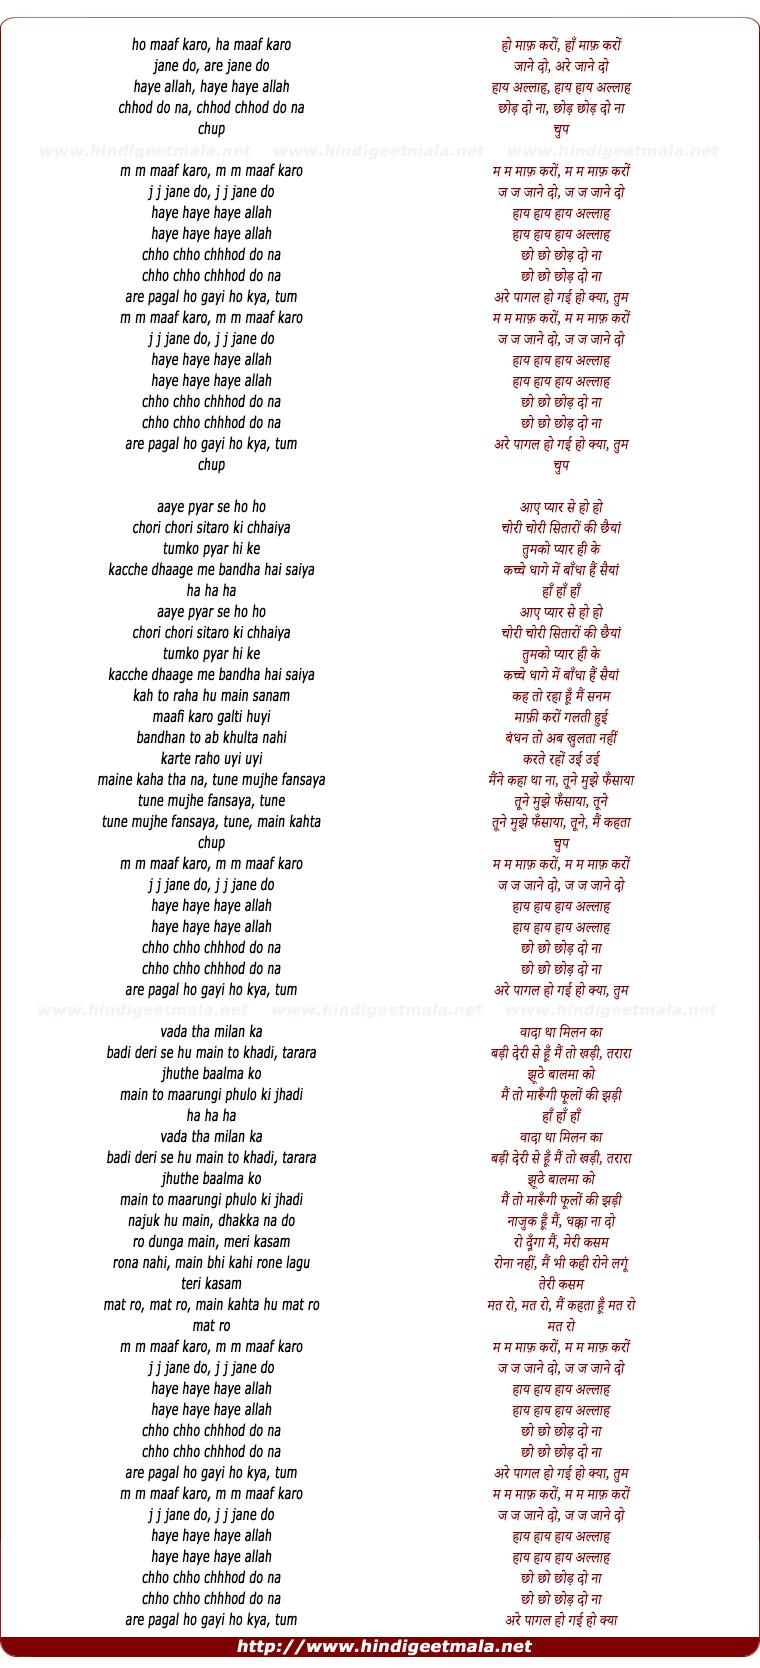 lyrics of song Maaf Karo Ha Maaf Karo